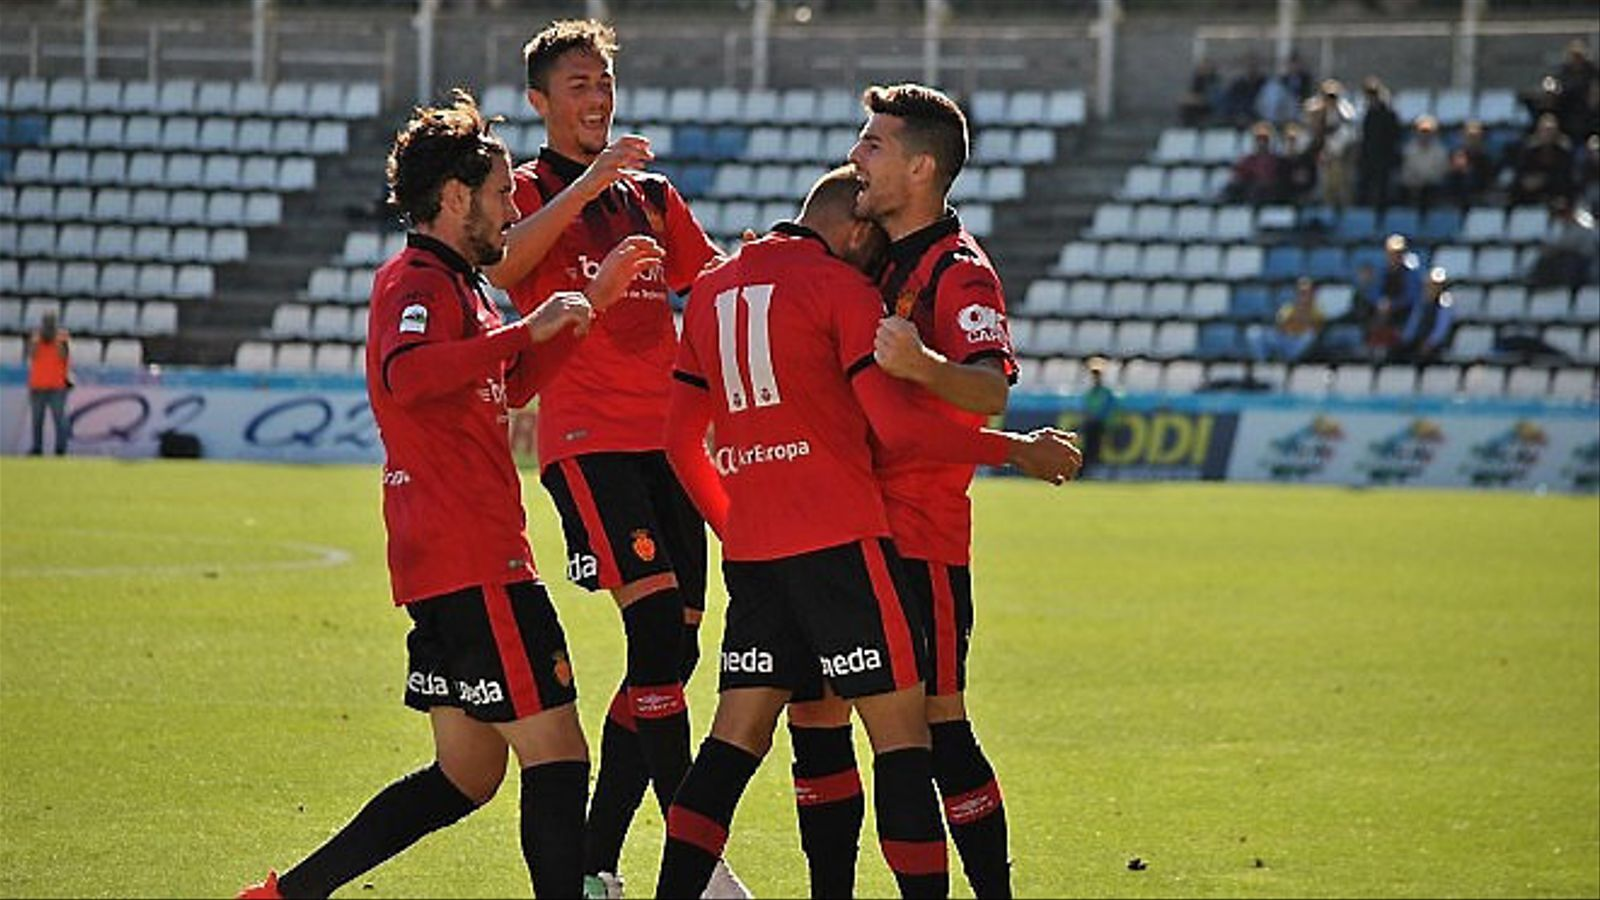 El Mallorca va obtenir una victòria de prestigi davant el Lleida la setmana passada.